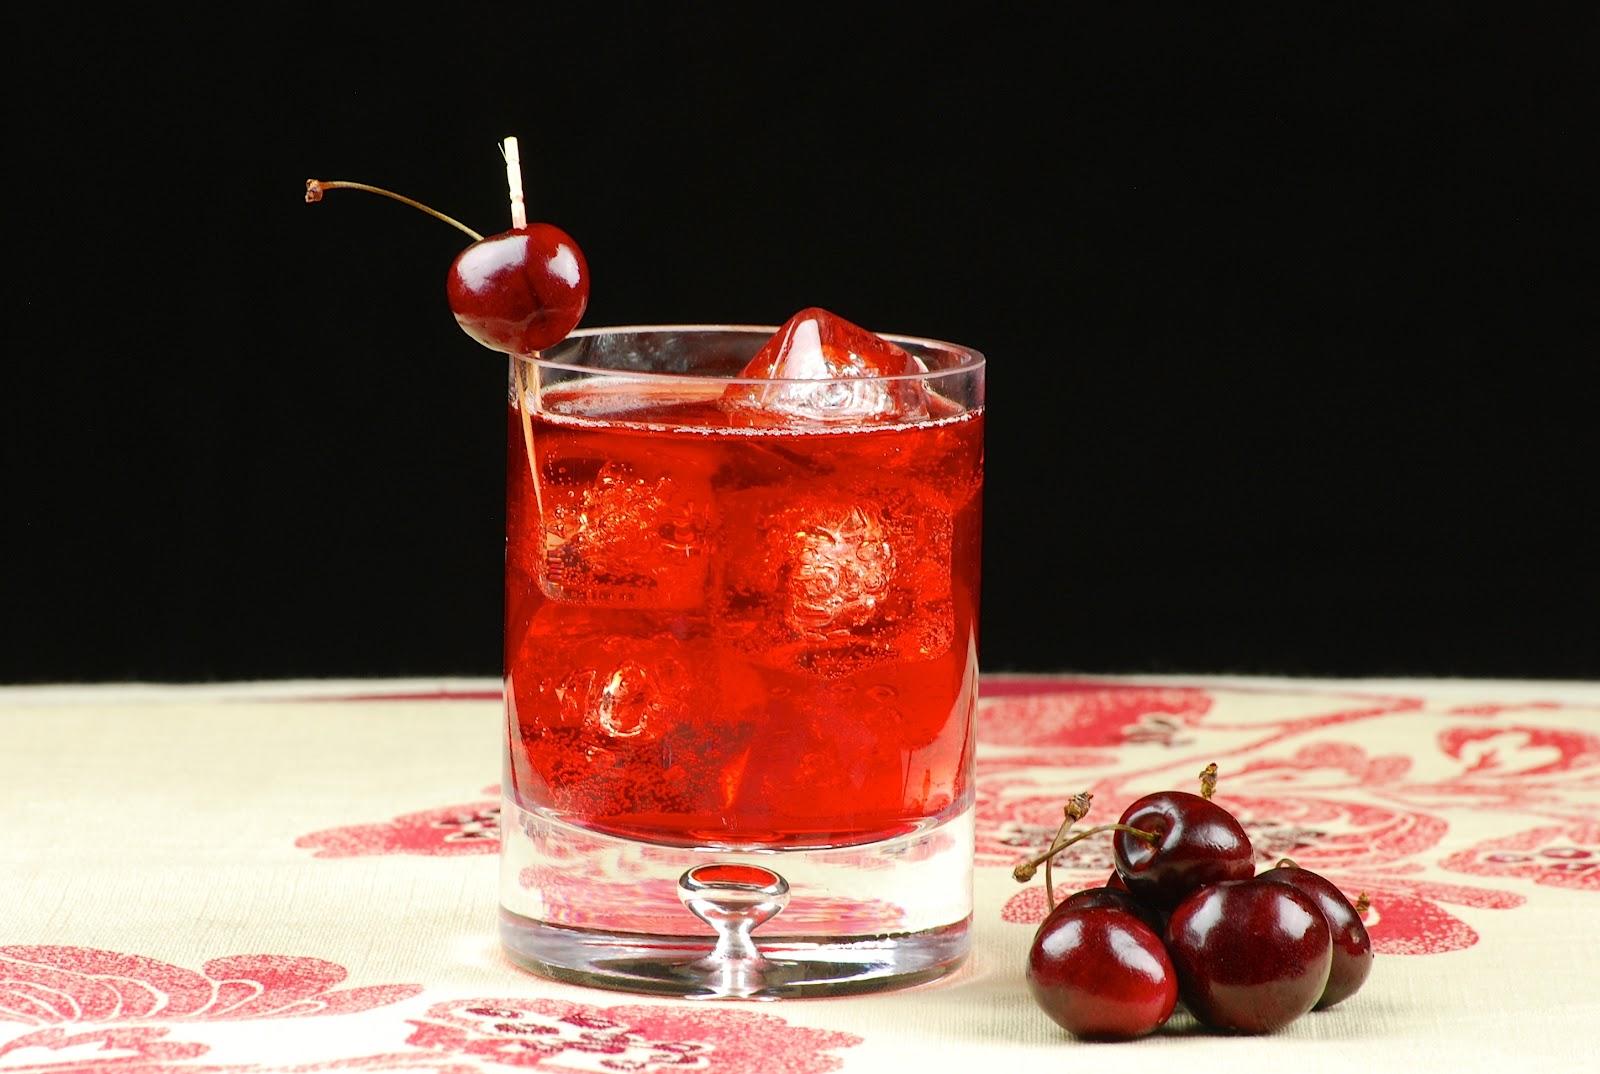 Домашний ликер из любой ягоды, рецепт на водке